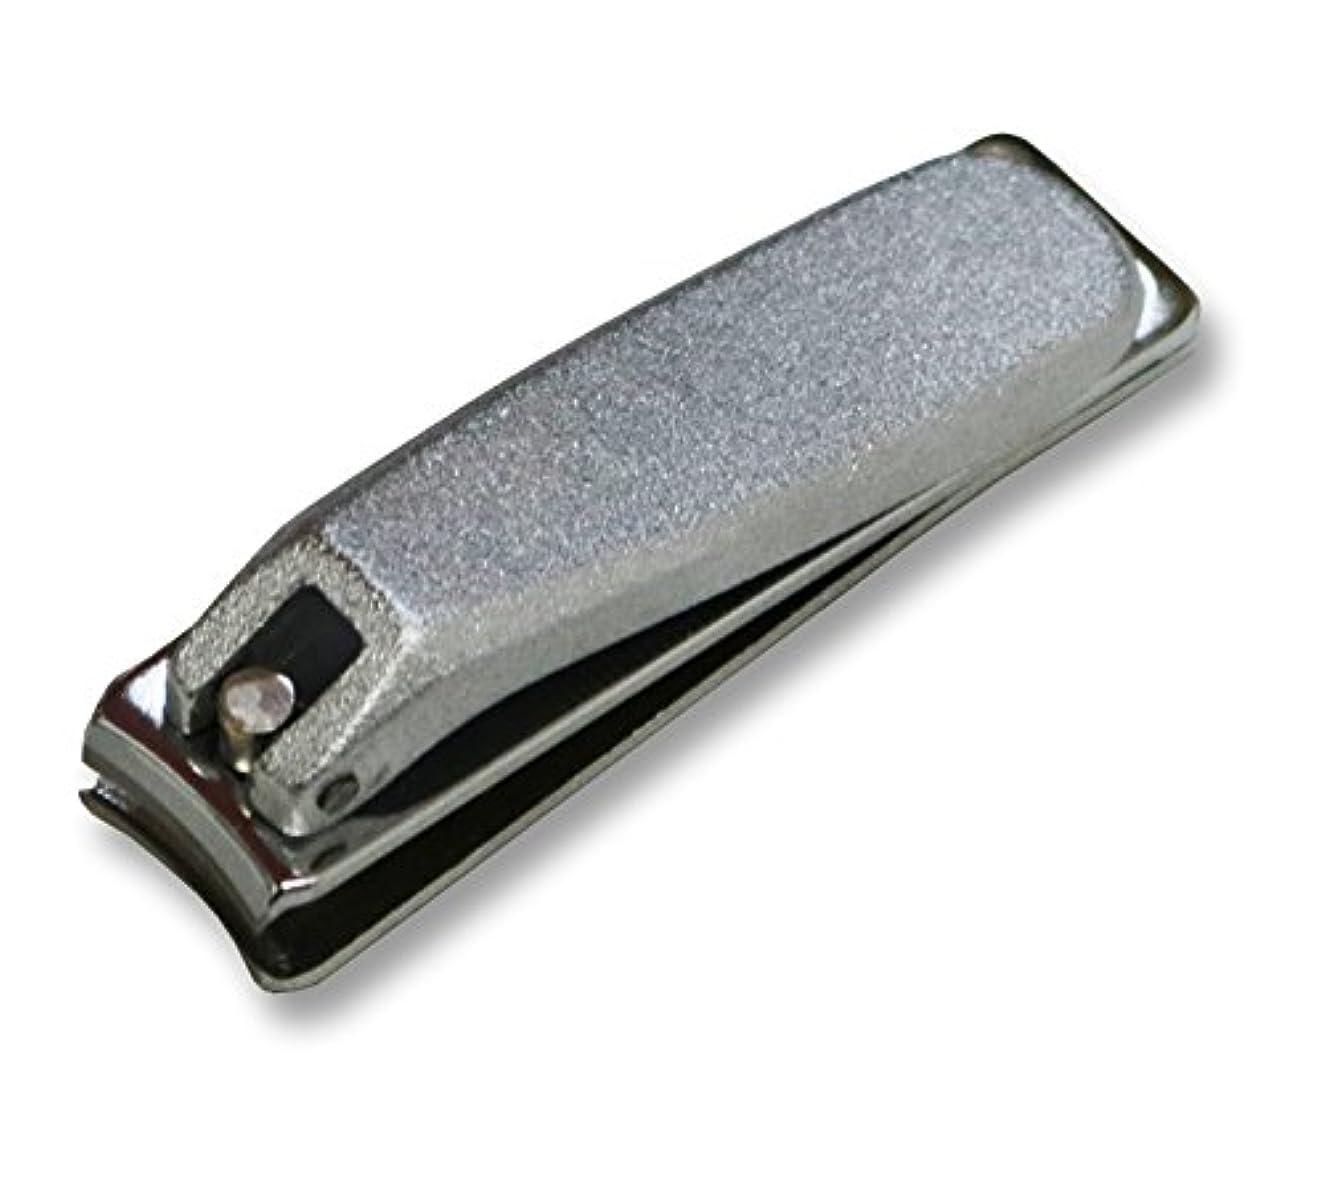 しっかり旋回水曜日KD-023 関の刃物 クローム爪切 小 カバー無